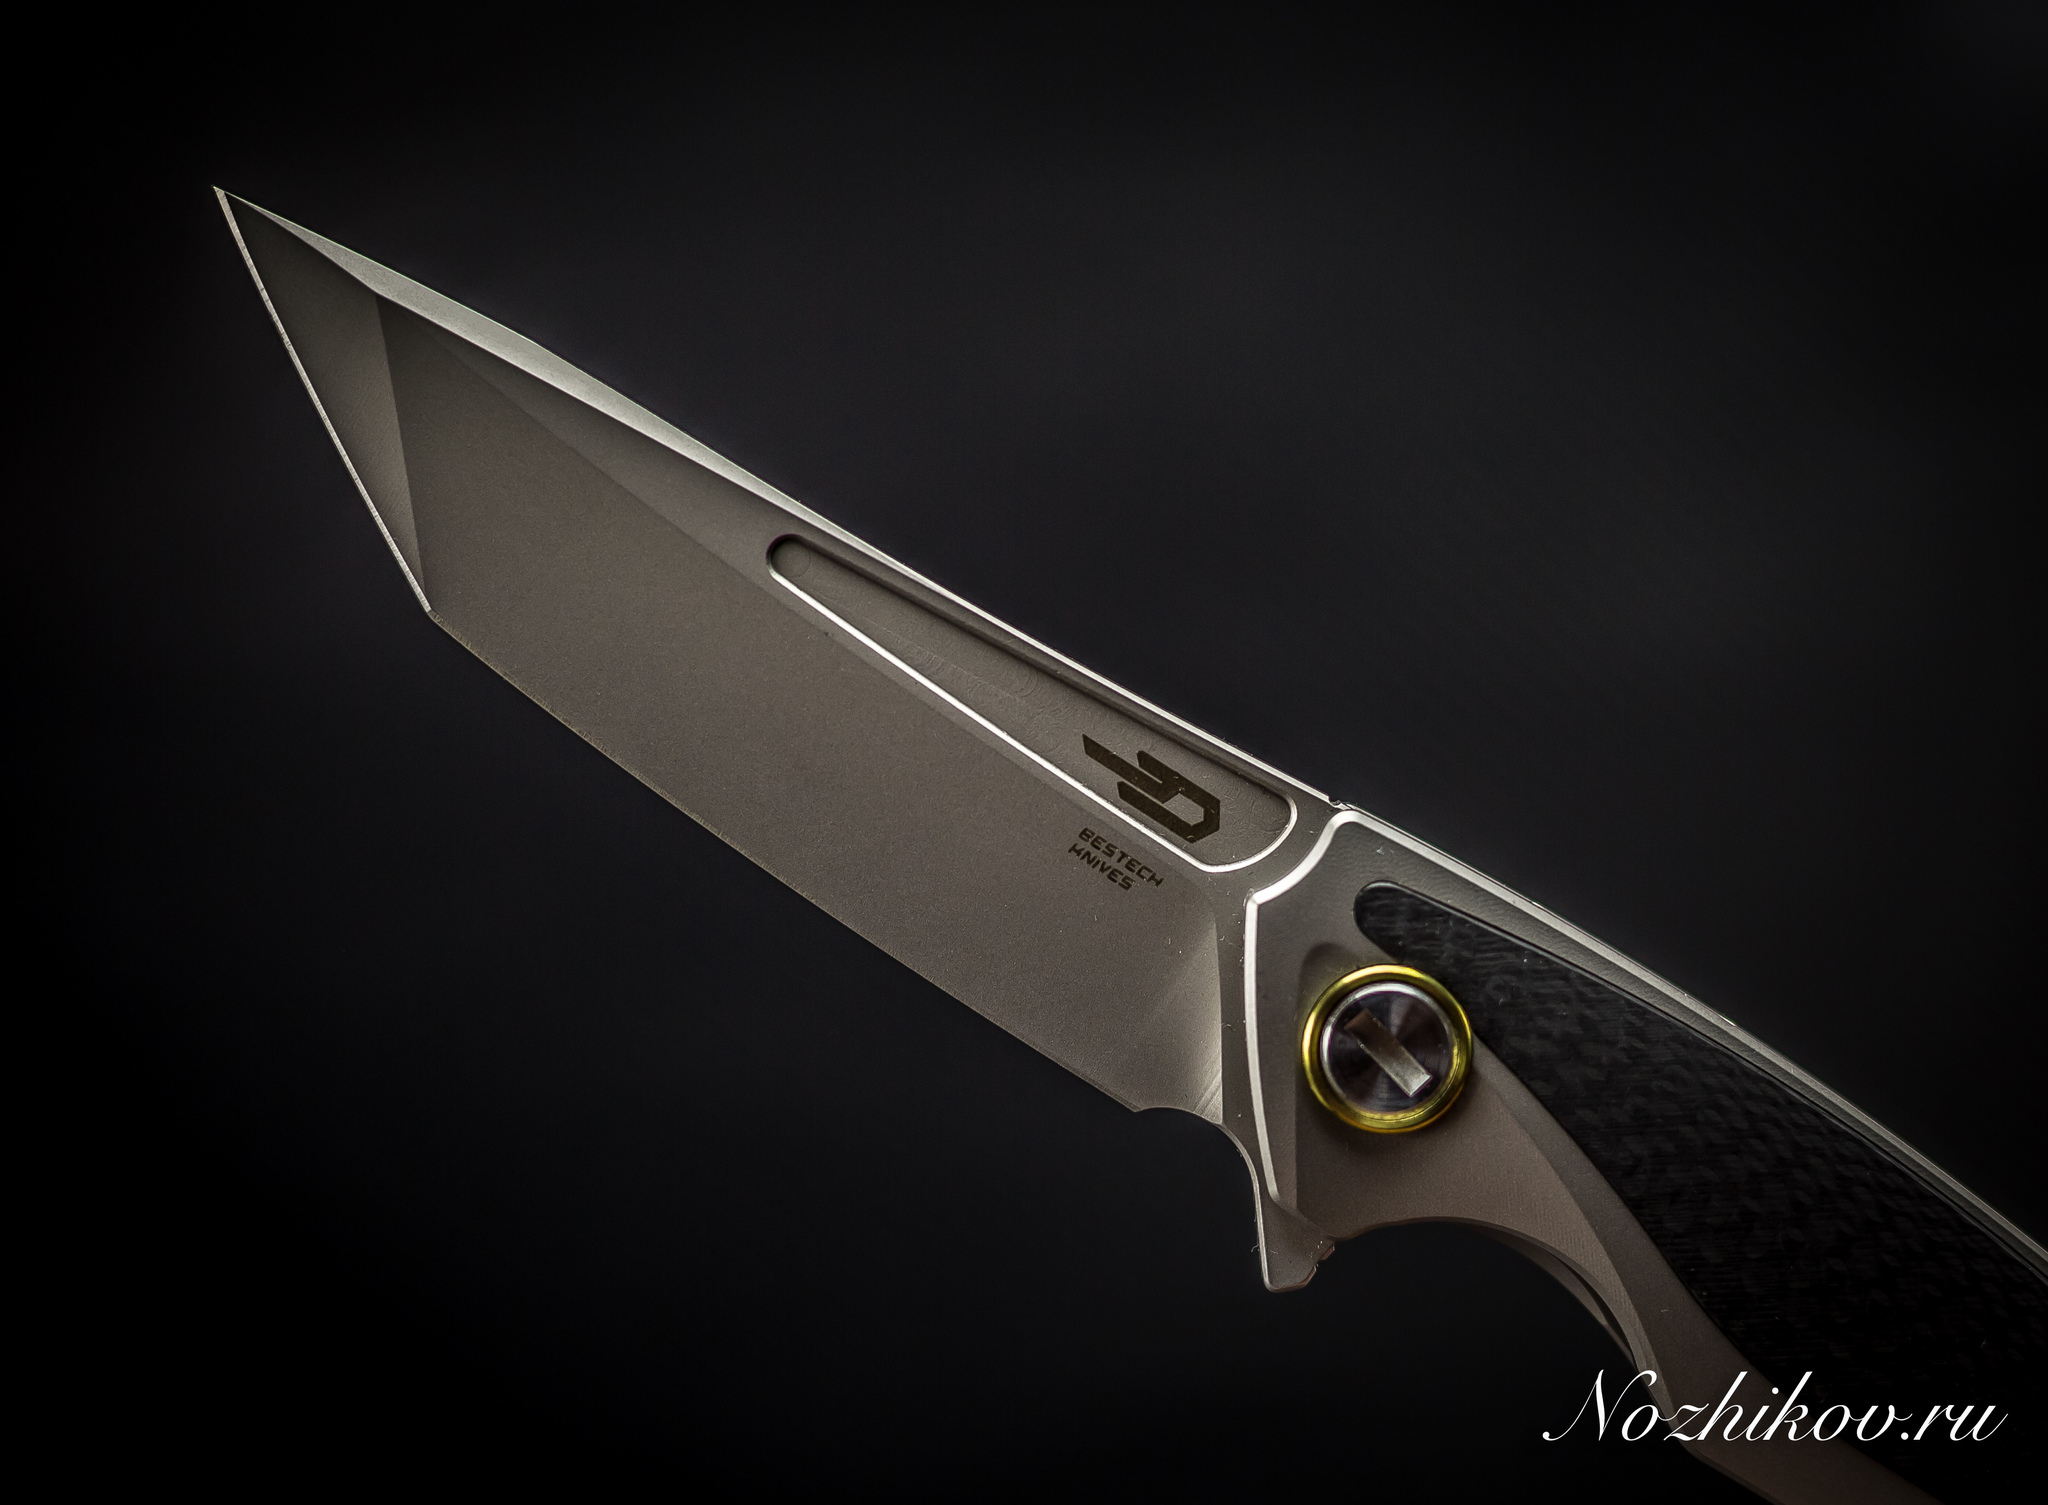 Фото 15 - Складной нож Bestech Predator BT1706B, сталь CPM-S35VN, рукоять титан от Bestech Knives